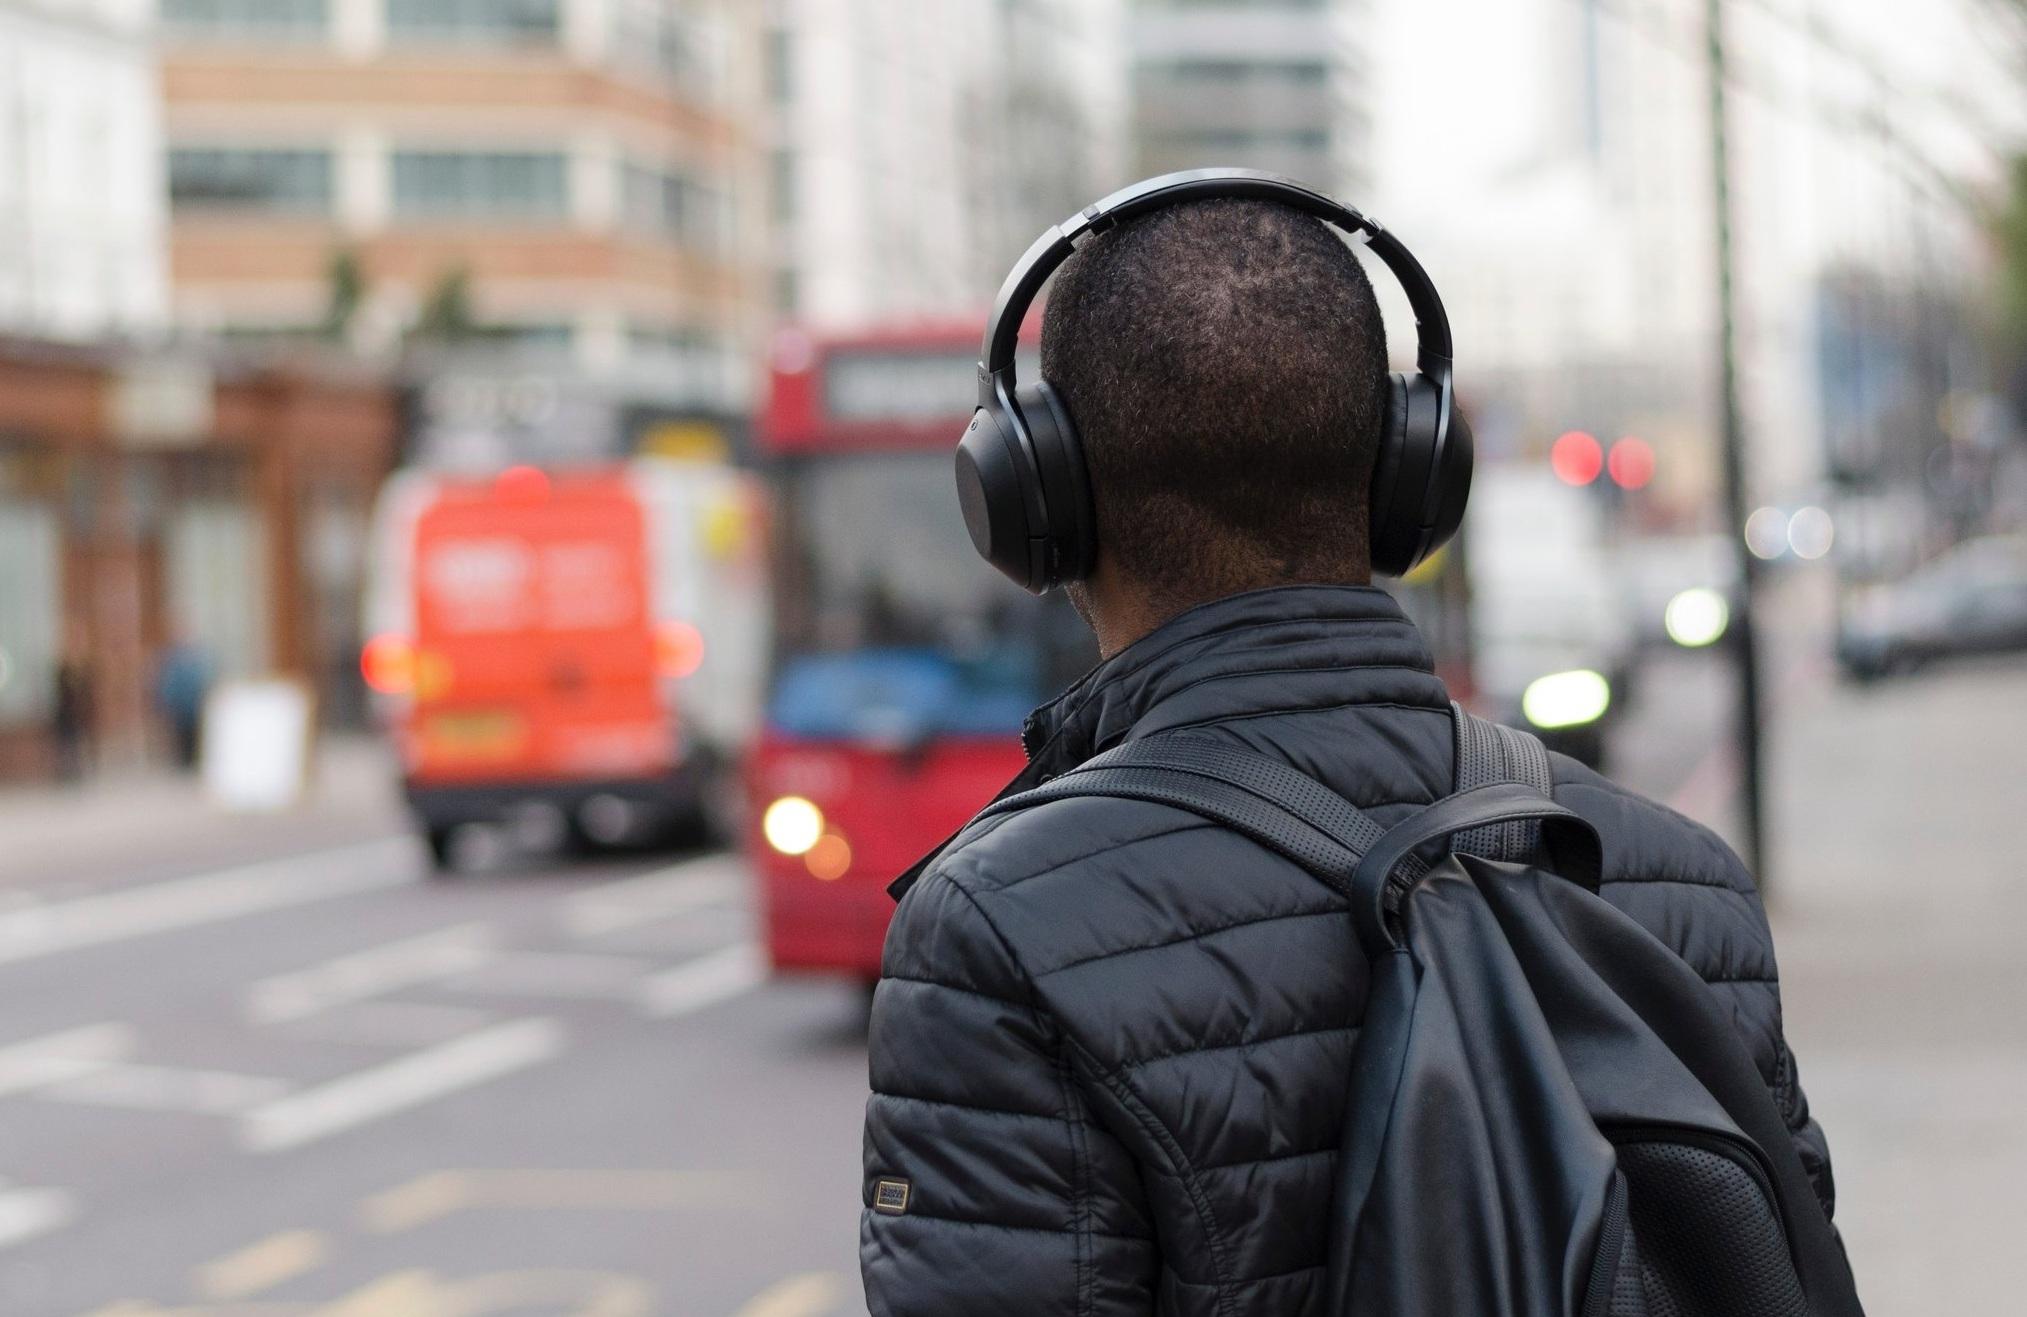 7 podcast literarios - ¿Habías imaginado la literatura en un podcast?Con la reciente popularidad del formato de audio podcast, era de esperar que los libros también ocuparan su espacio allí.Por eso, en este artículo conocerás los mejores podcast literarios en español gratis disponibles en las plataformas de podcast Spotify, Apple Podcast, Ivoox, Soundcloud y más.